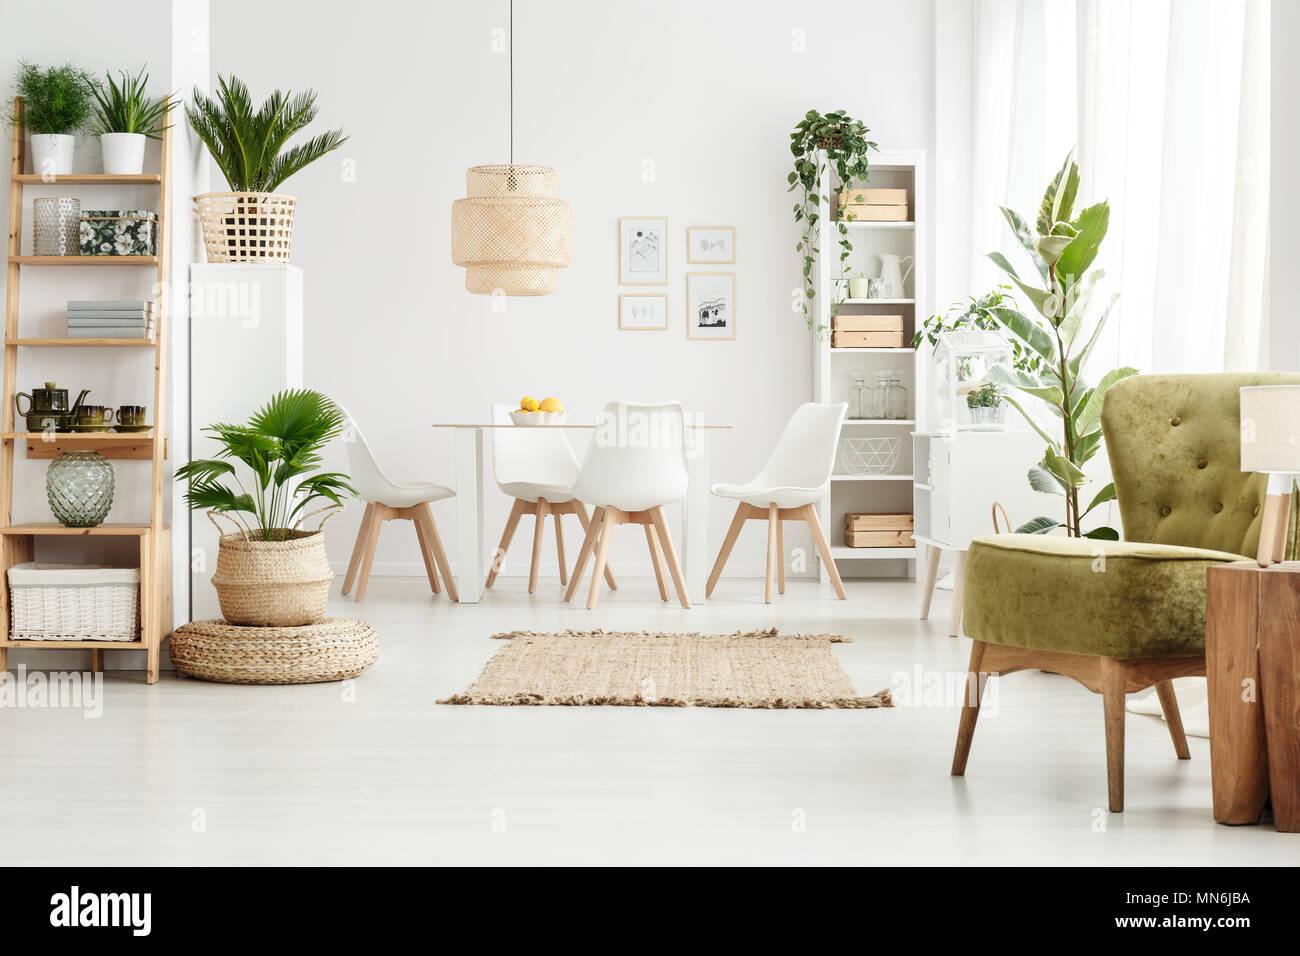 Lampada su uno sgabello in legno verde e poltrona in multifunzionale